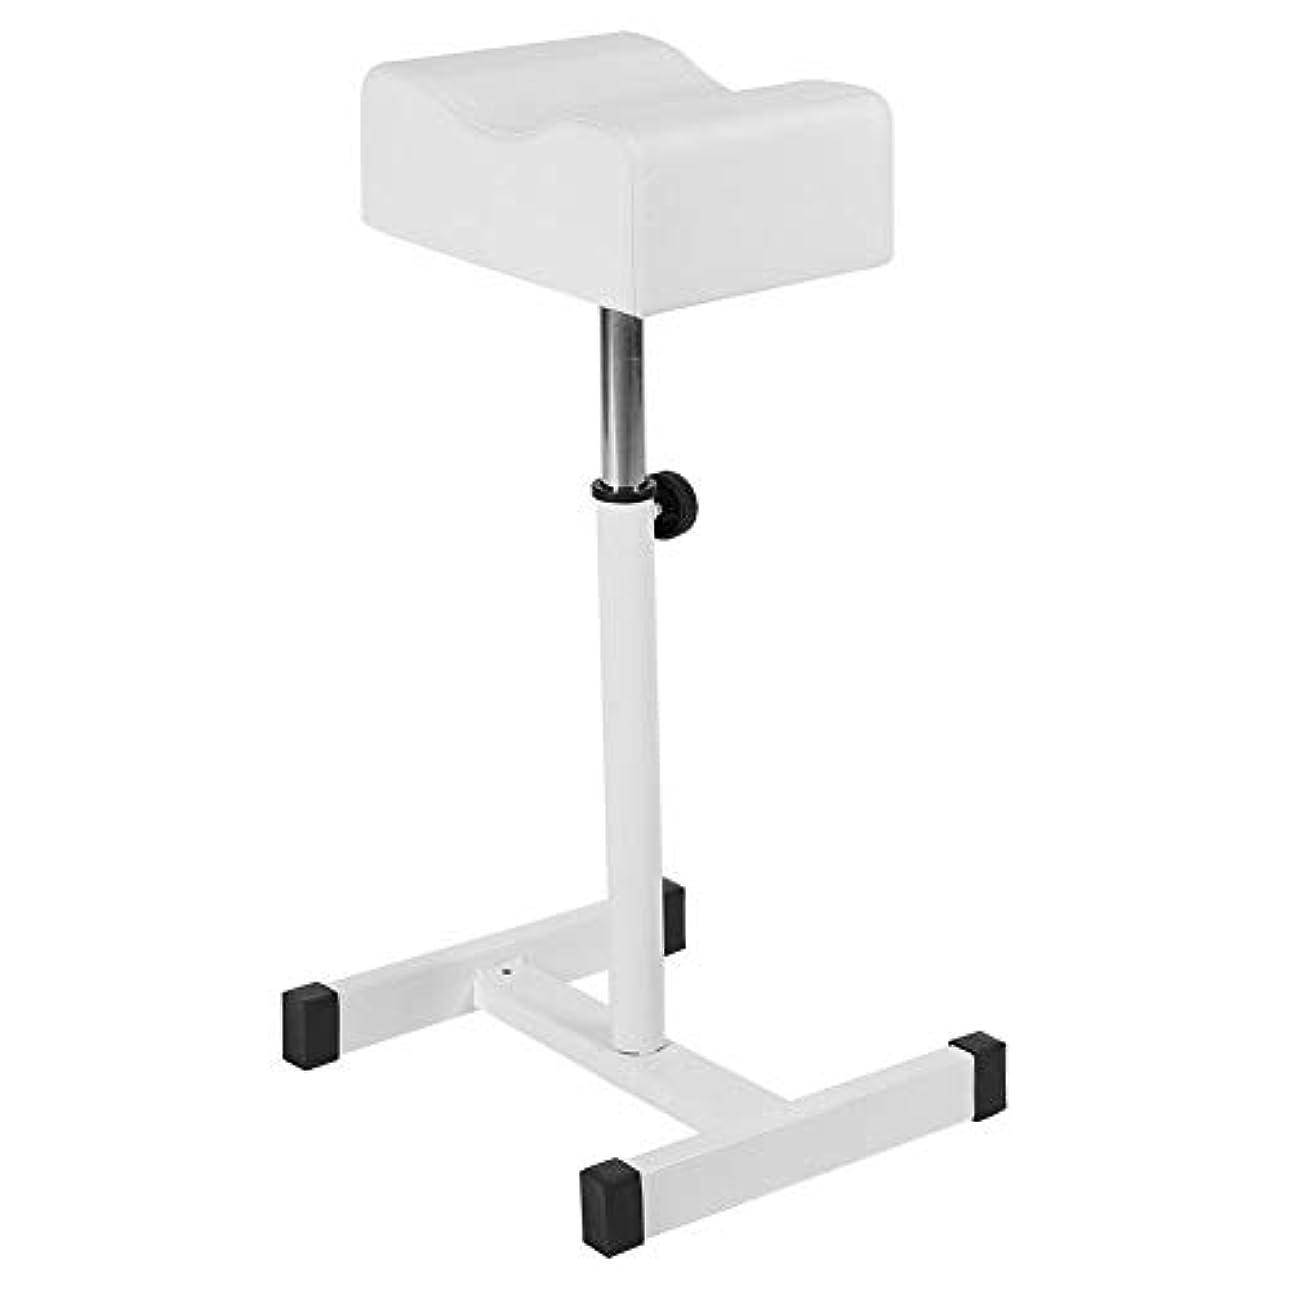 熟すジム死すべきサロンスツール白、高さ調節可能な化粧品椅子スパスツールスパスイベルホームショップの快適なシートクッションスツールホワイト